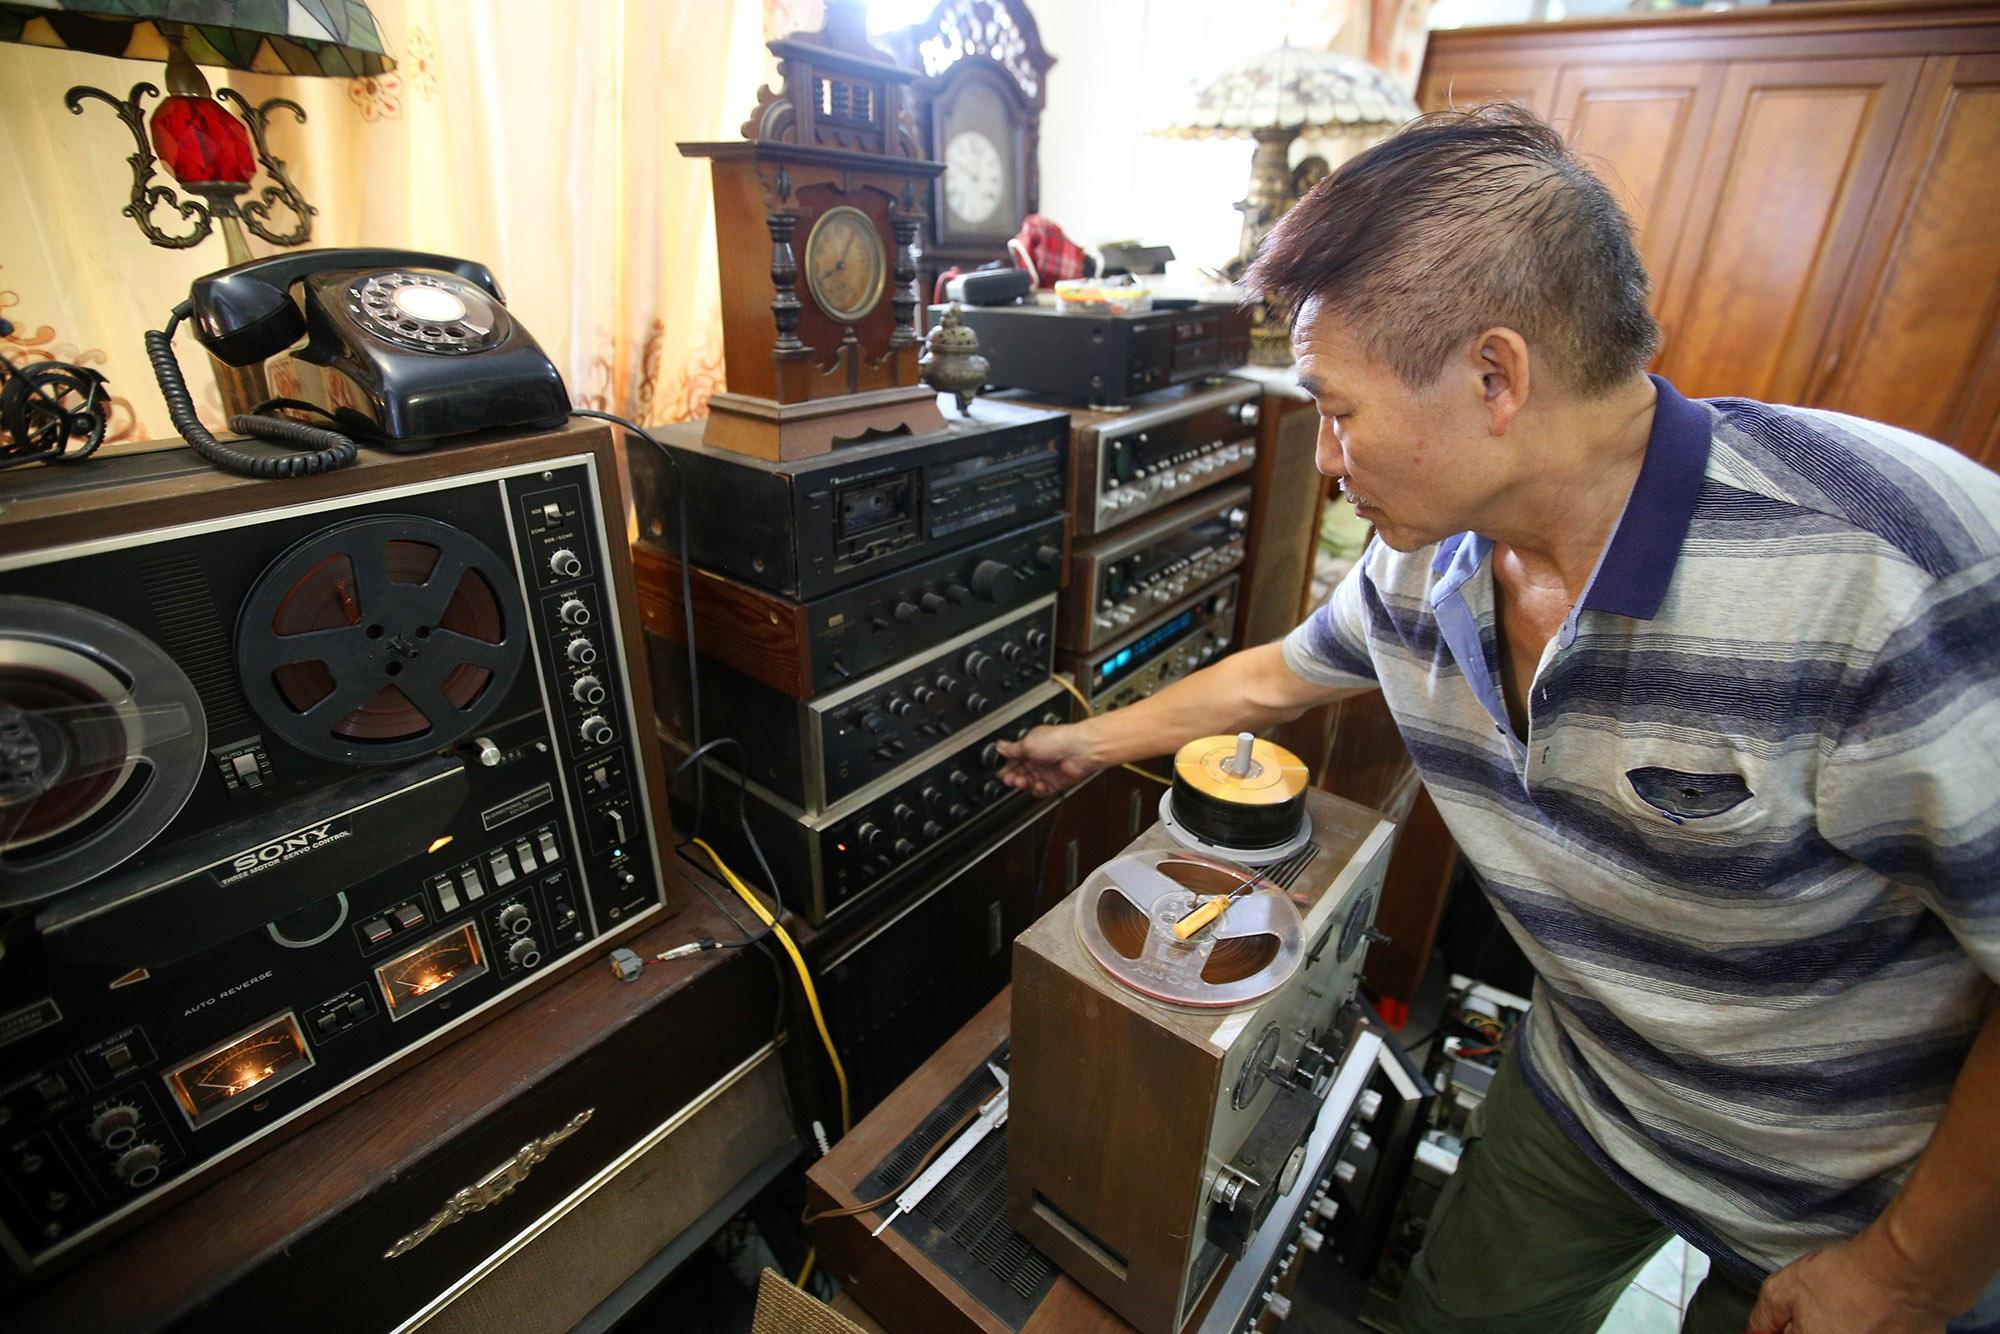 Yêu âm nhạc, sưu tầm thiết bị âm thanh cổ lấp đầy 3 tầng nhà  - 2